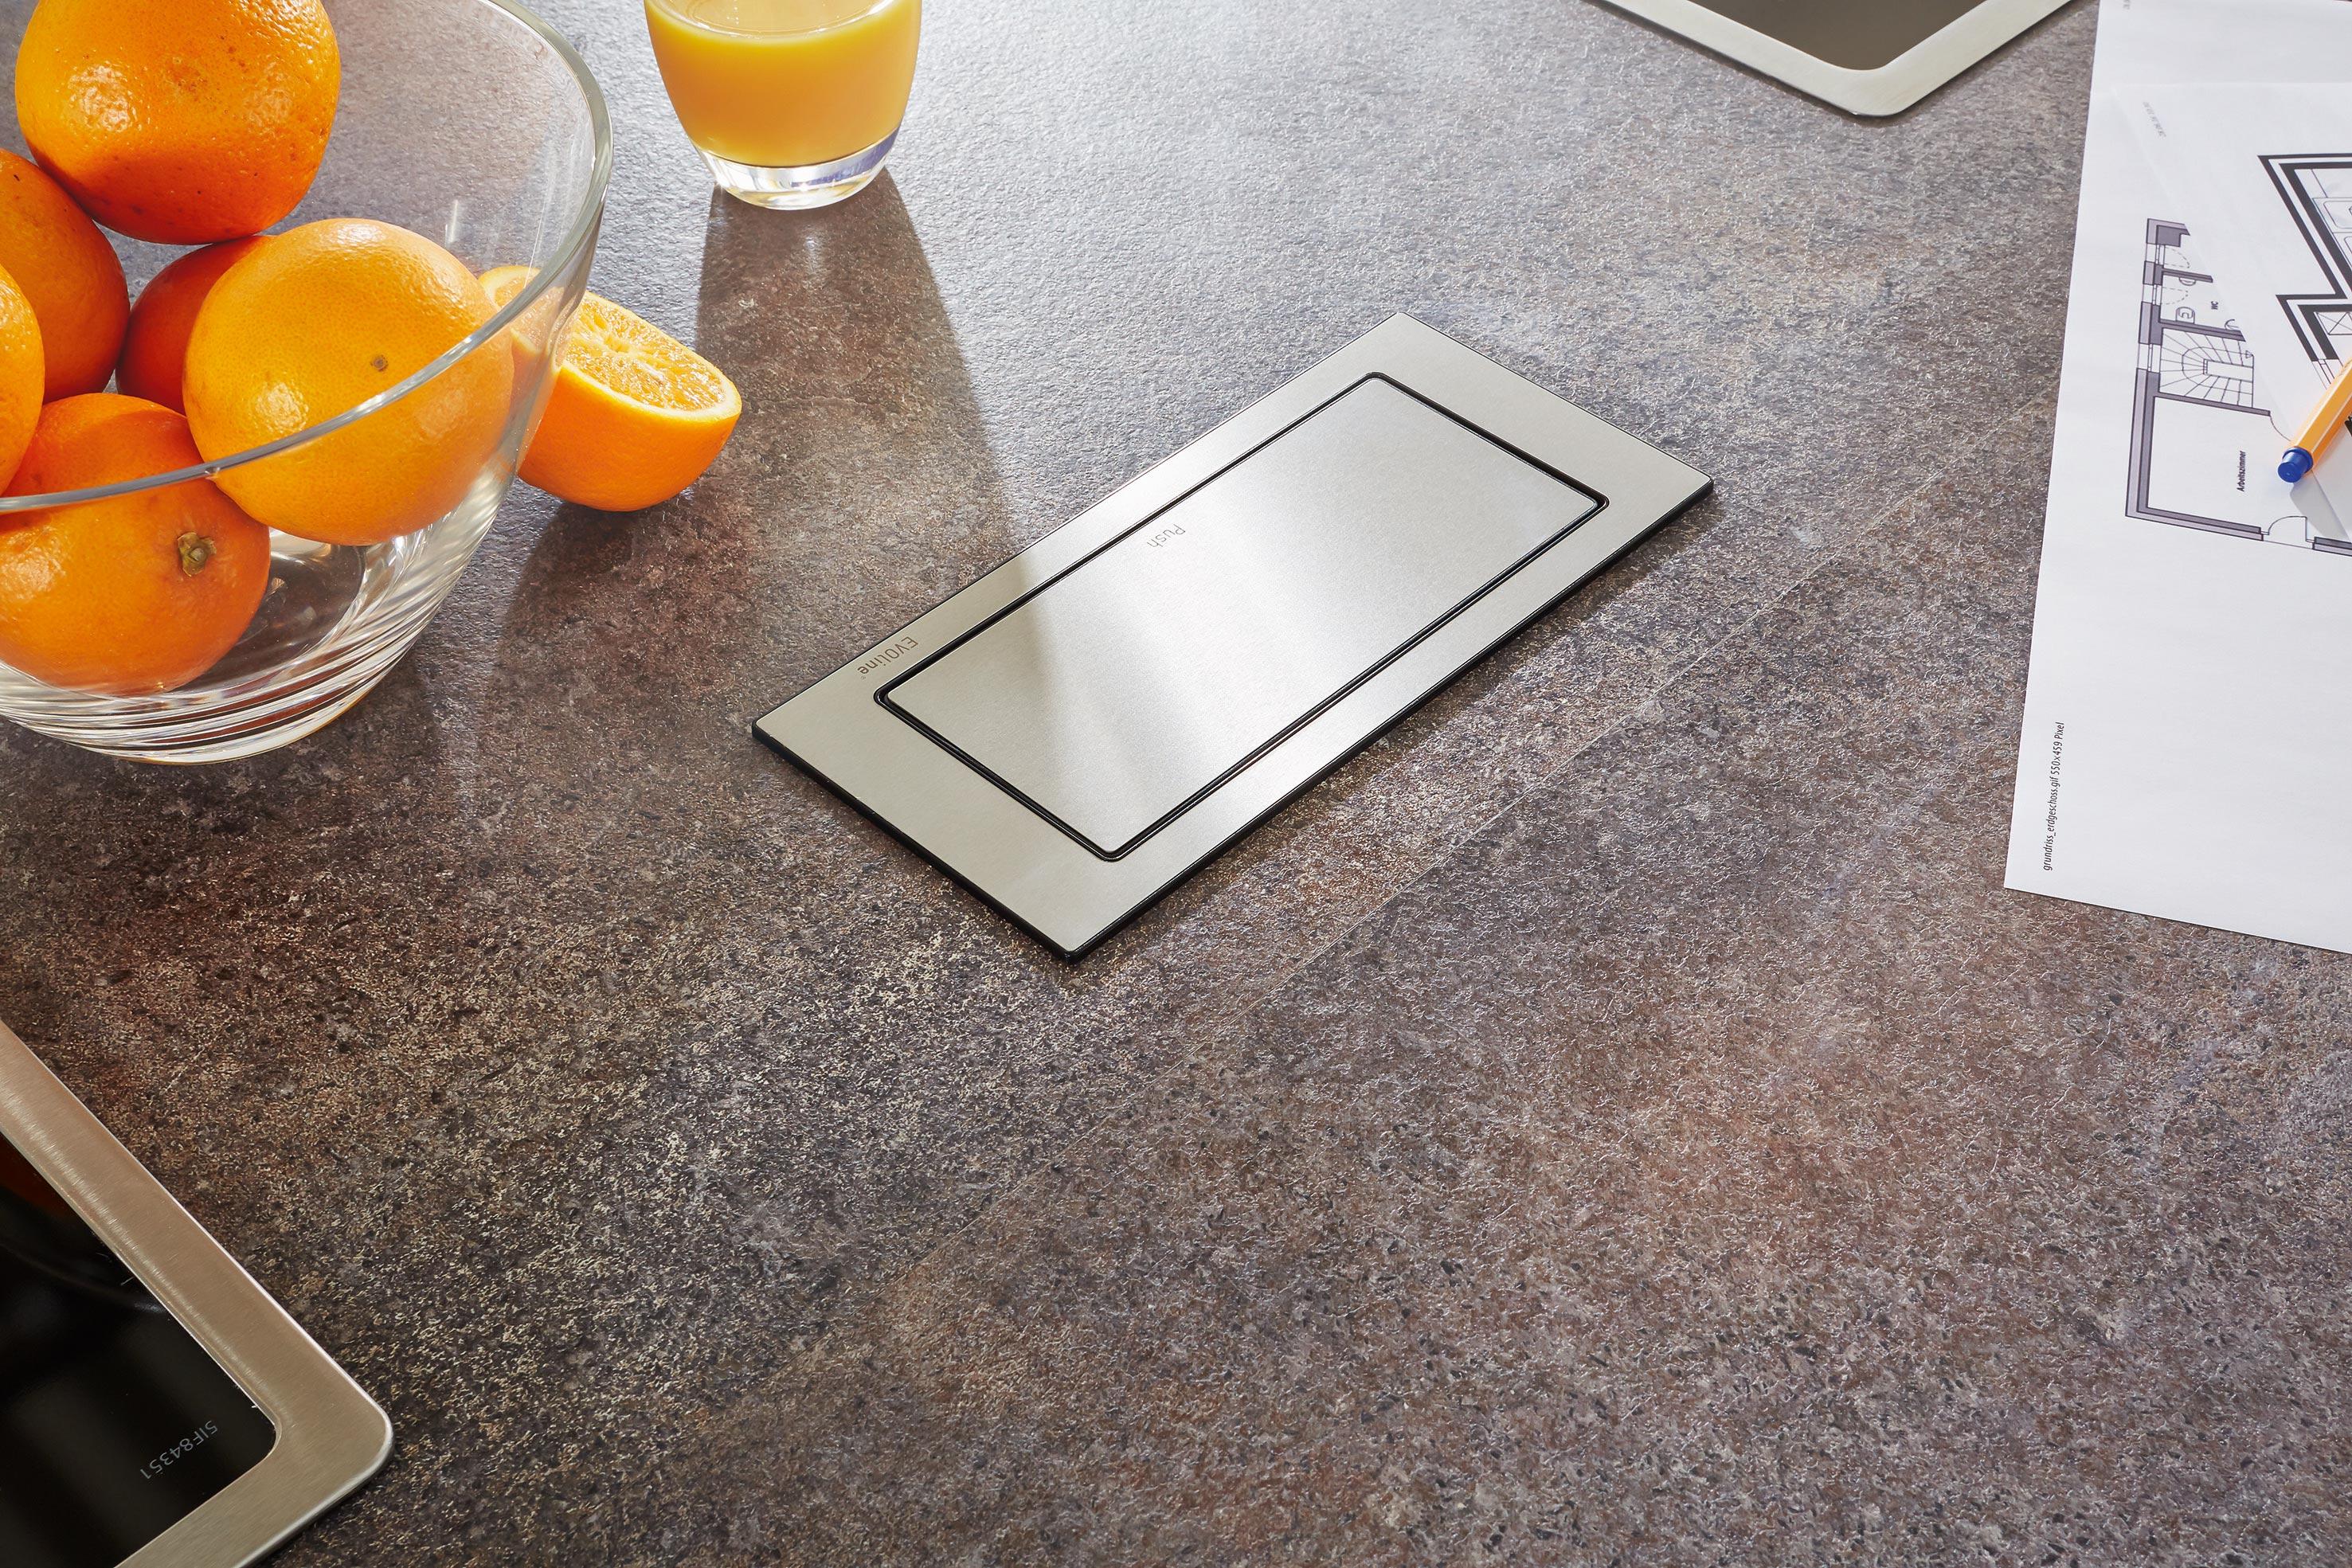 Versenkbare Steckdosen | Einbausteckdosen | Küchenzubehör